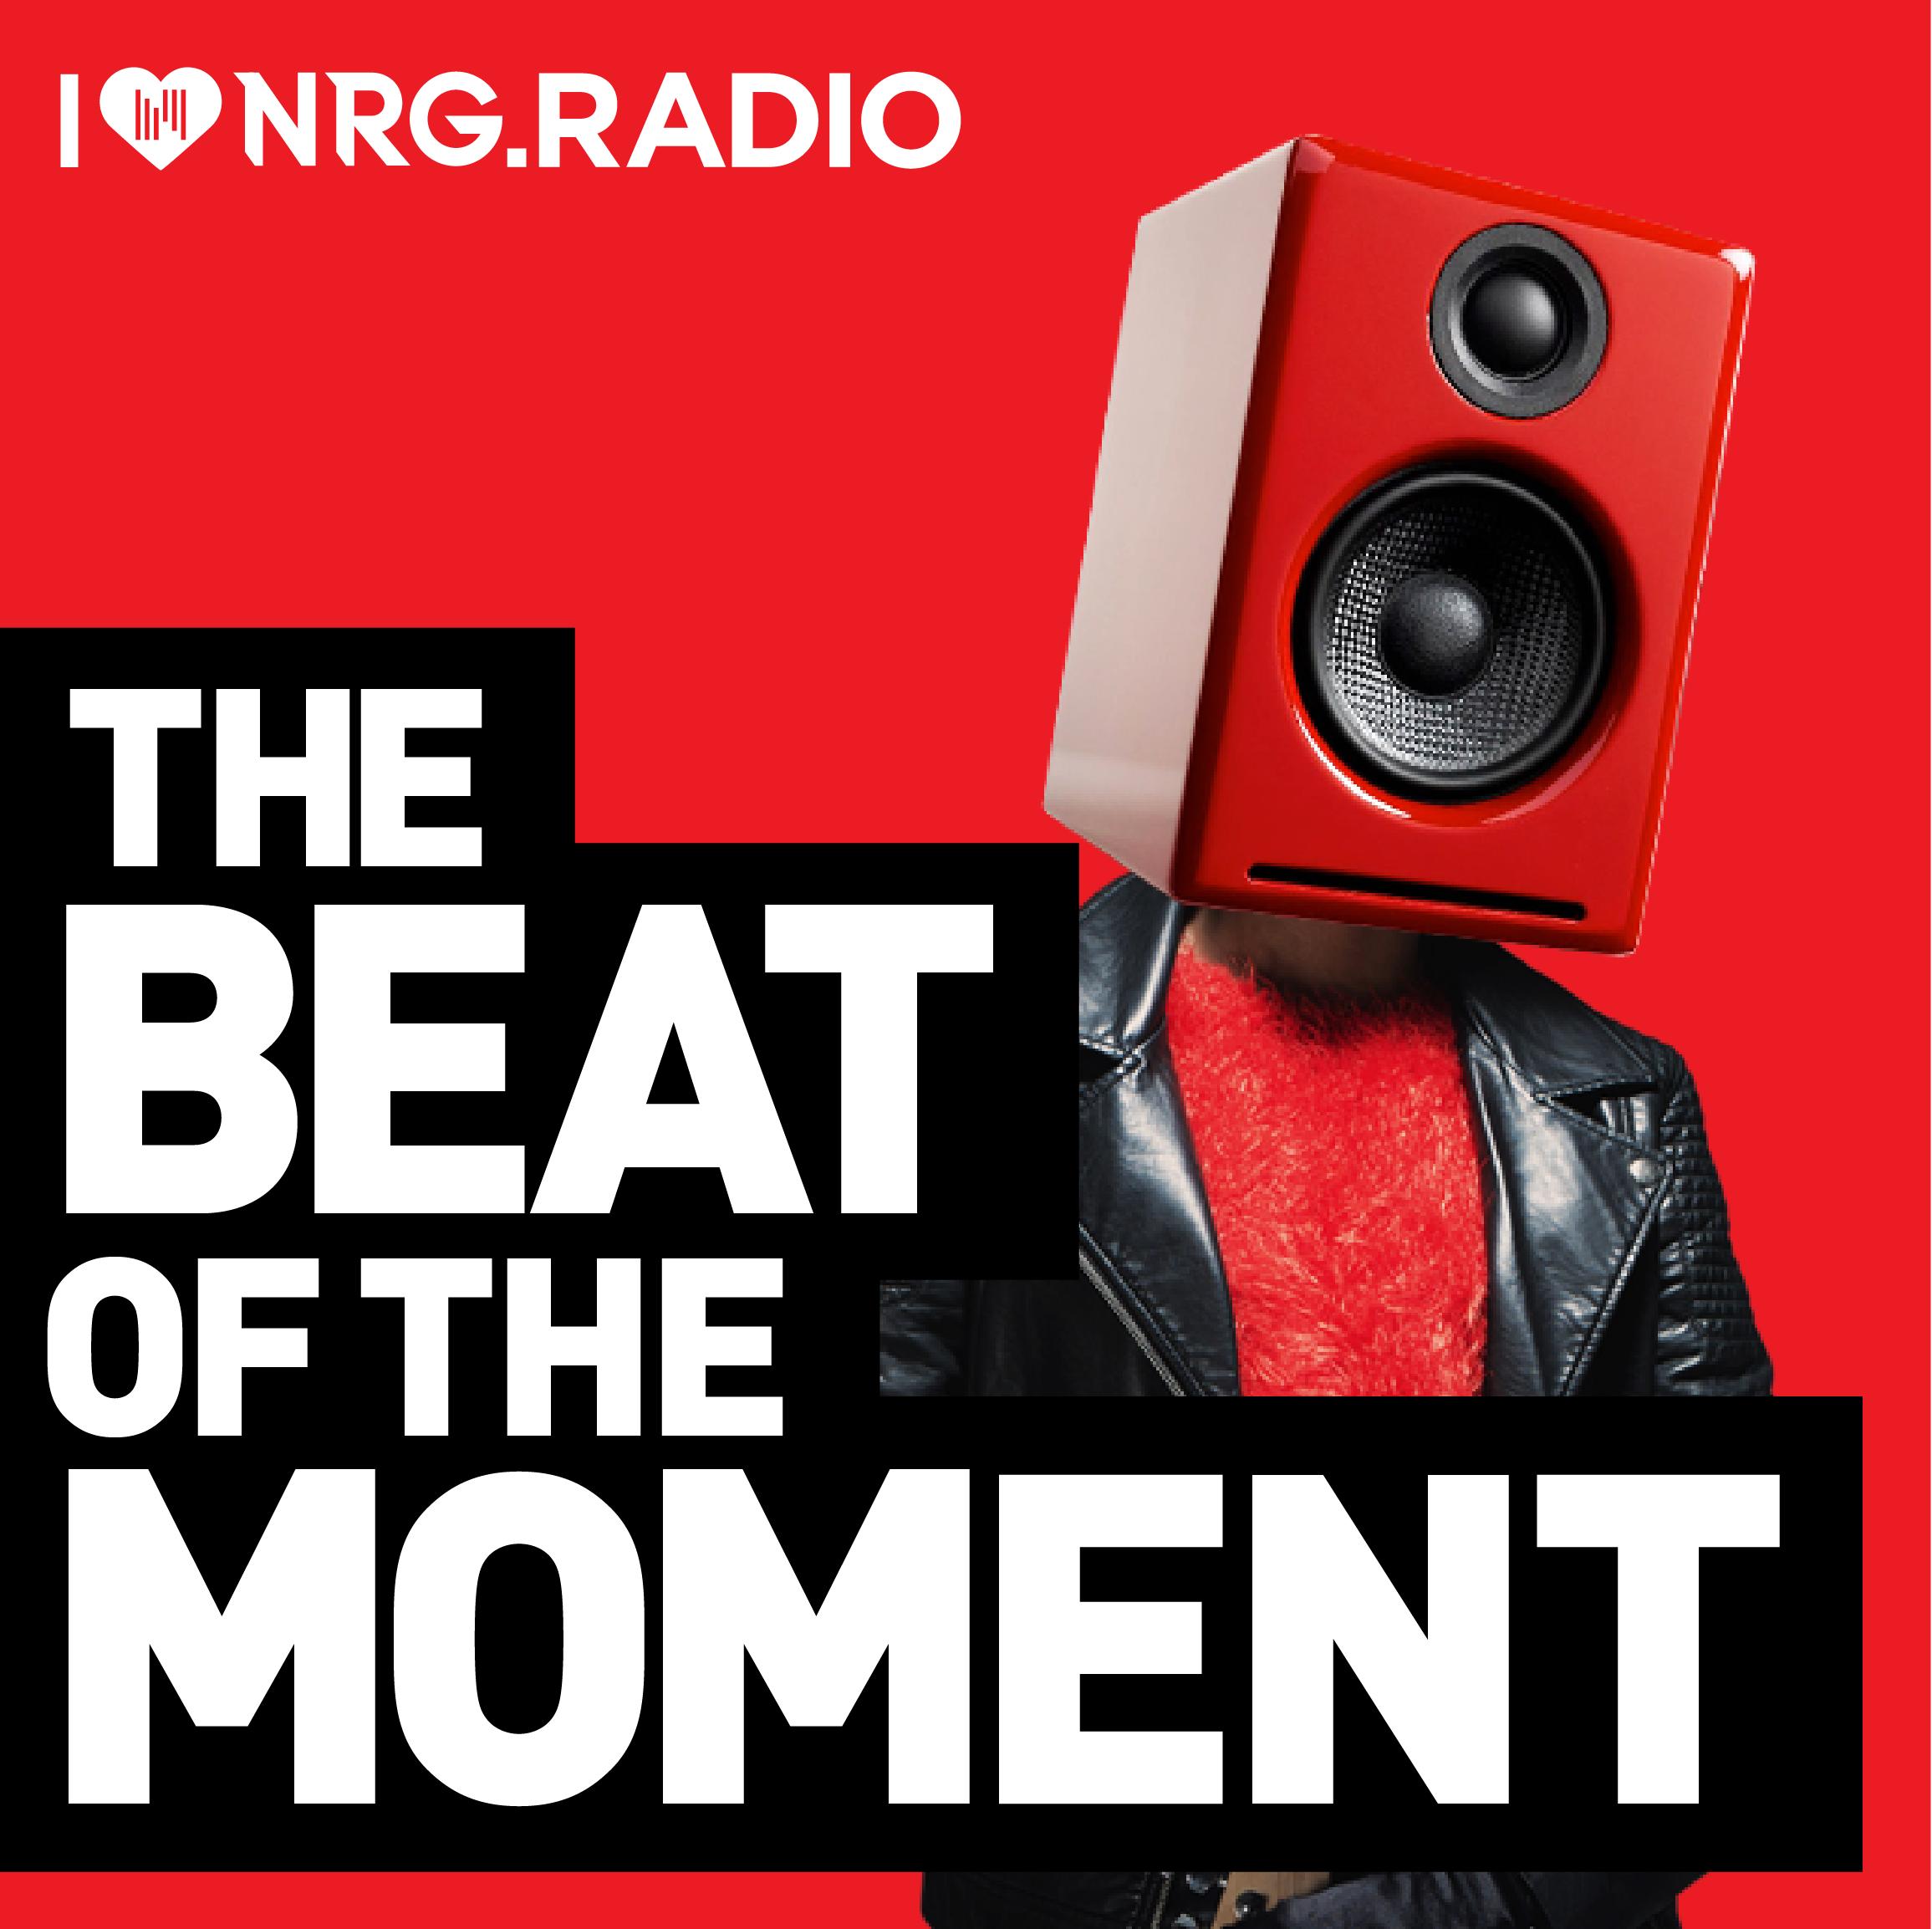 NRG Radio Job Vacancies Kenya